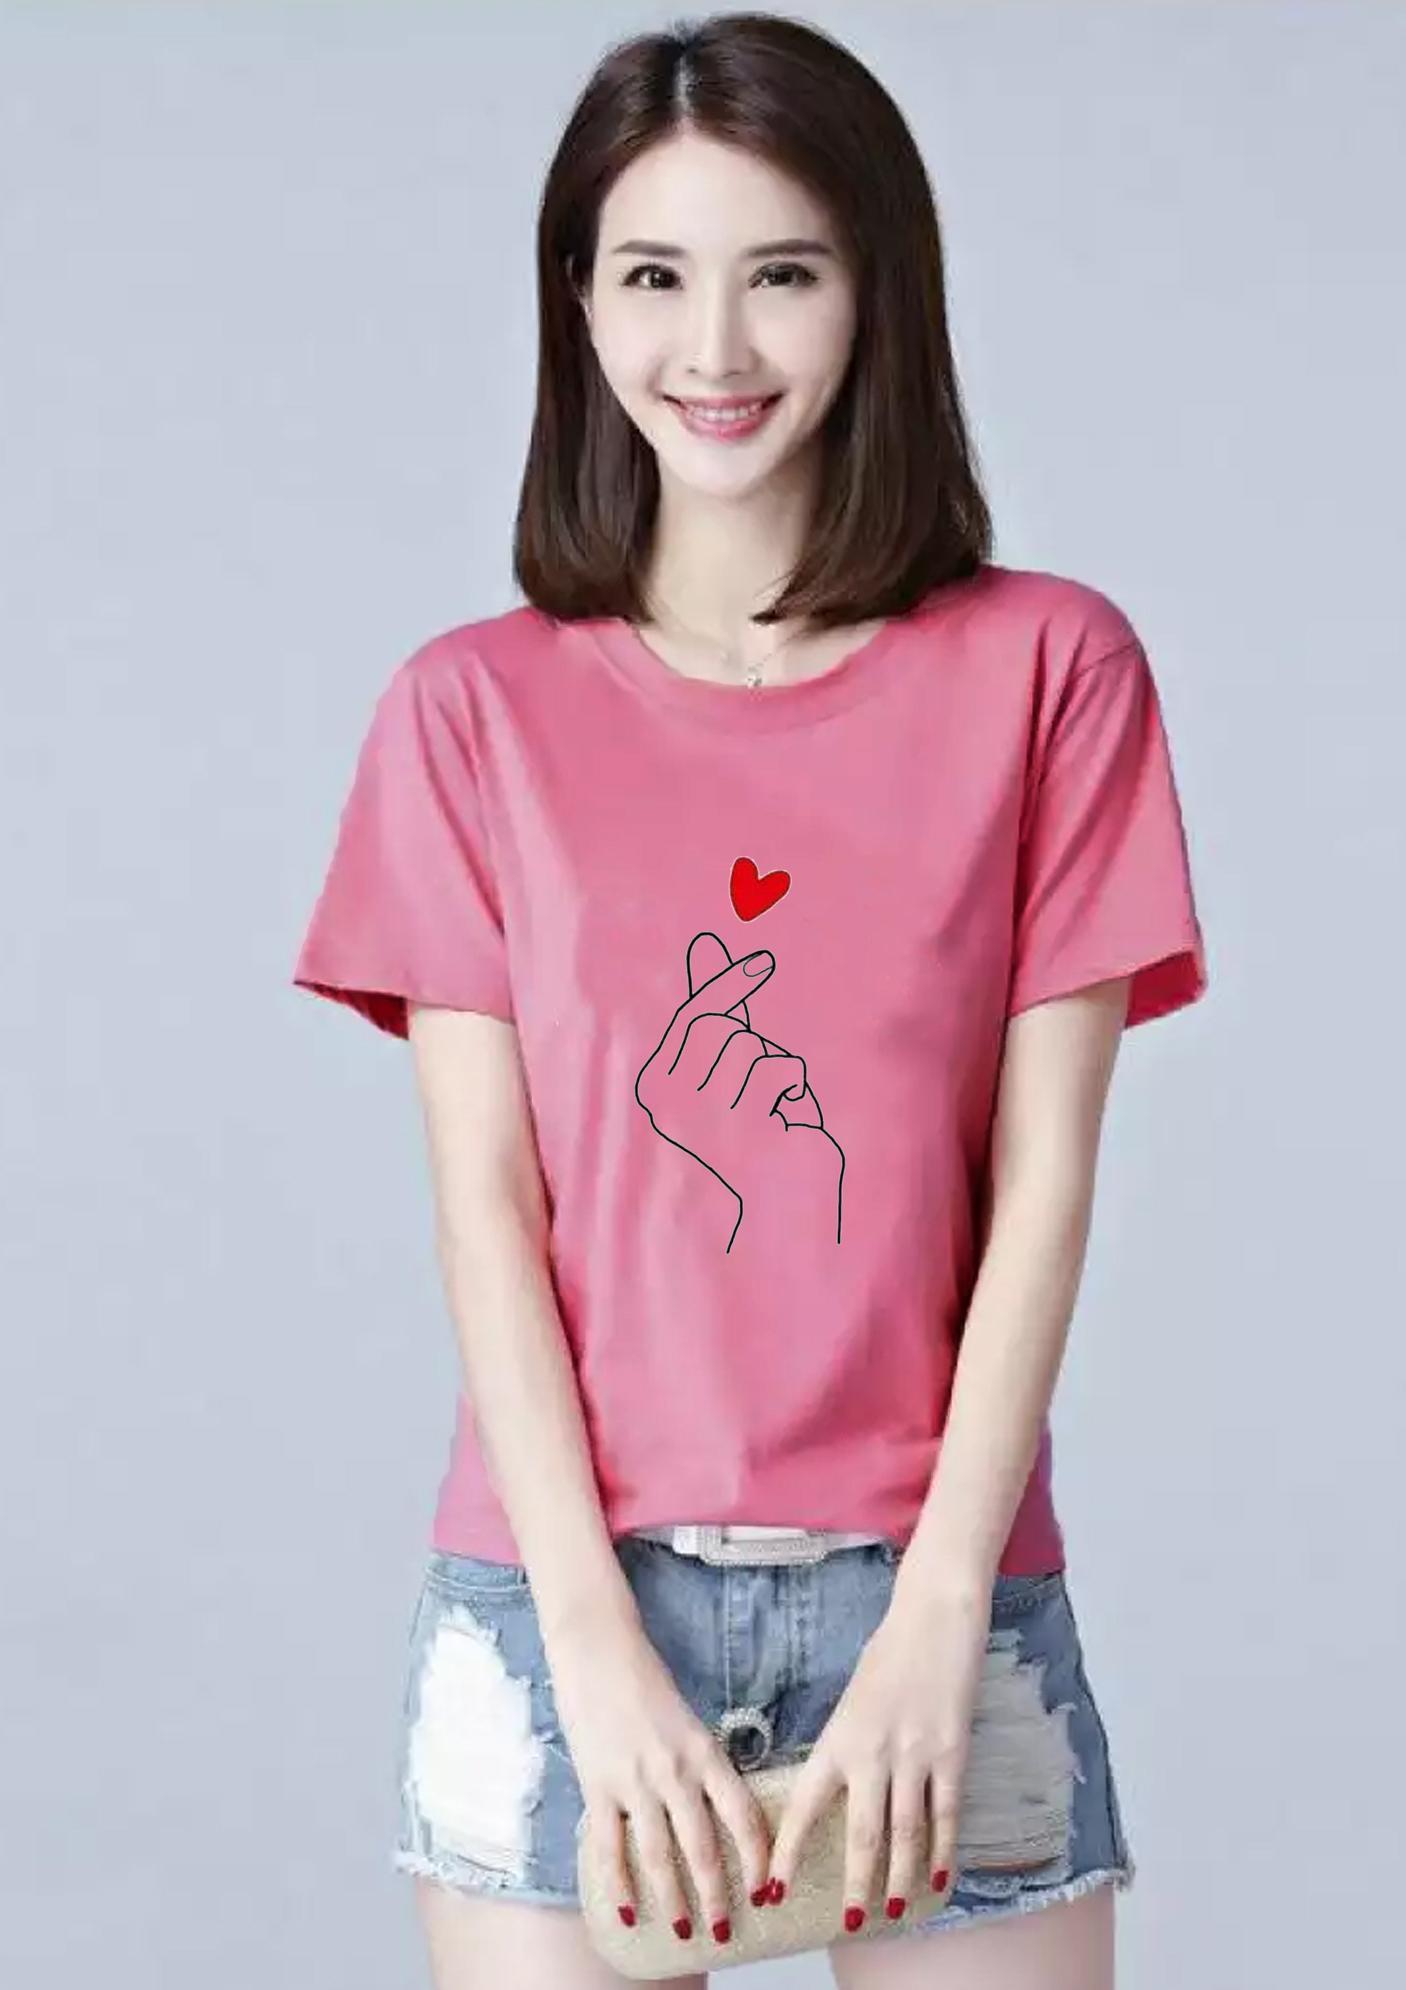 Áo thun nữ cổ tròn in hình bắn tim form rộng vải dày mịn AoK1652